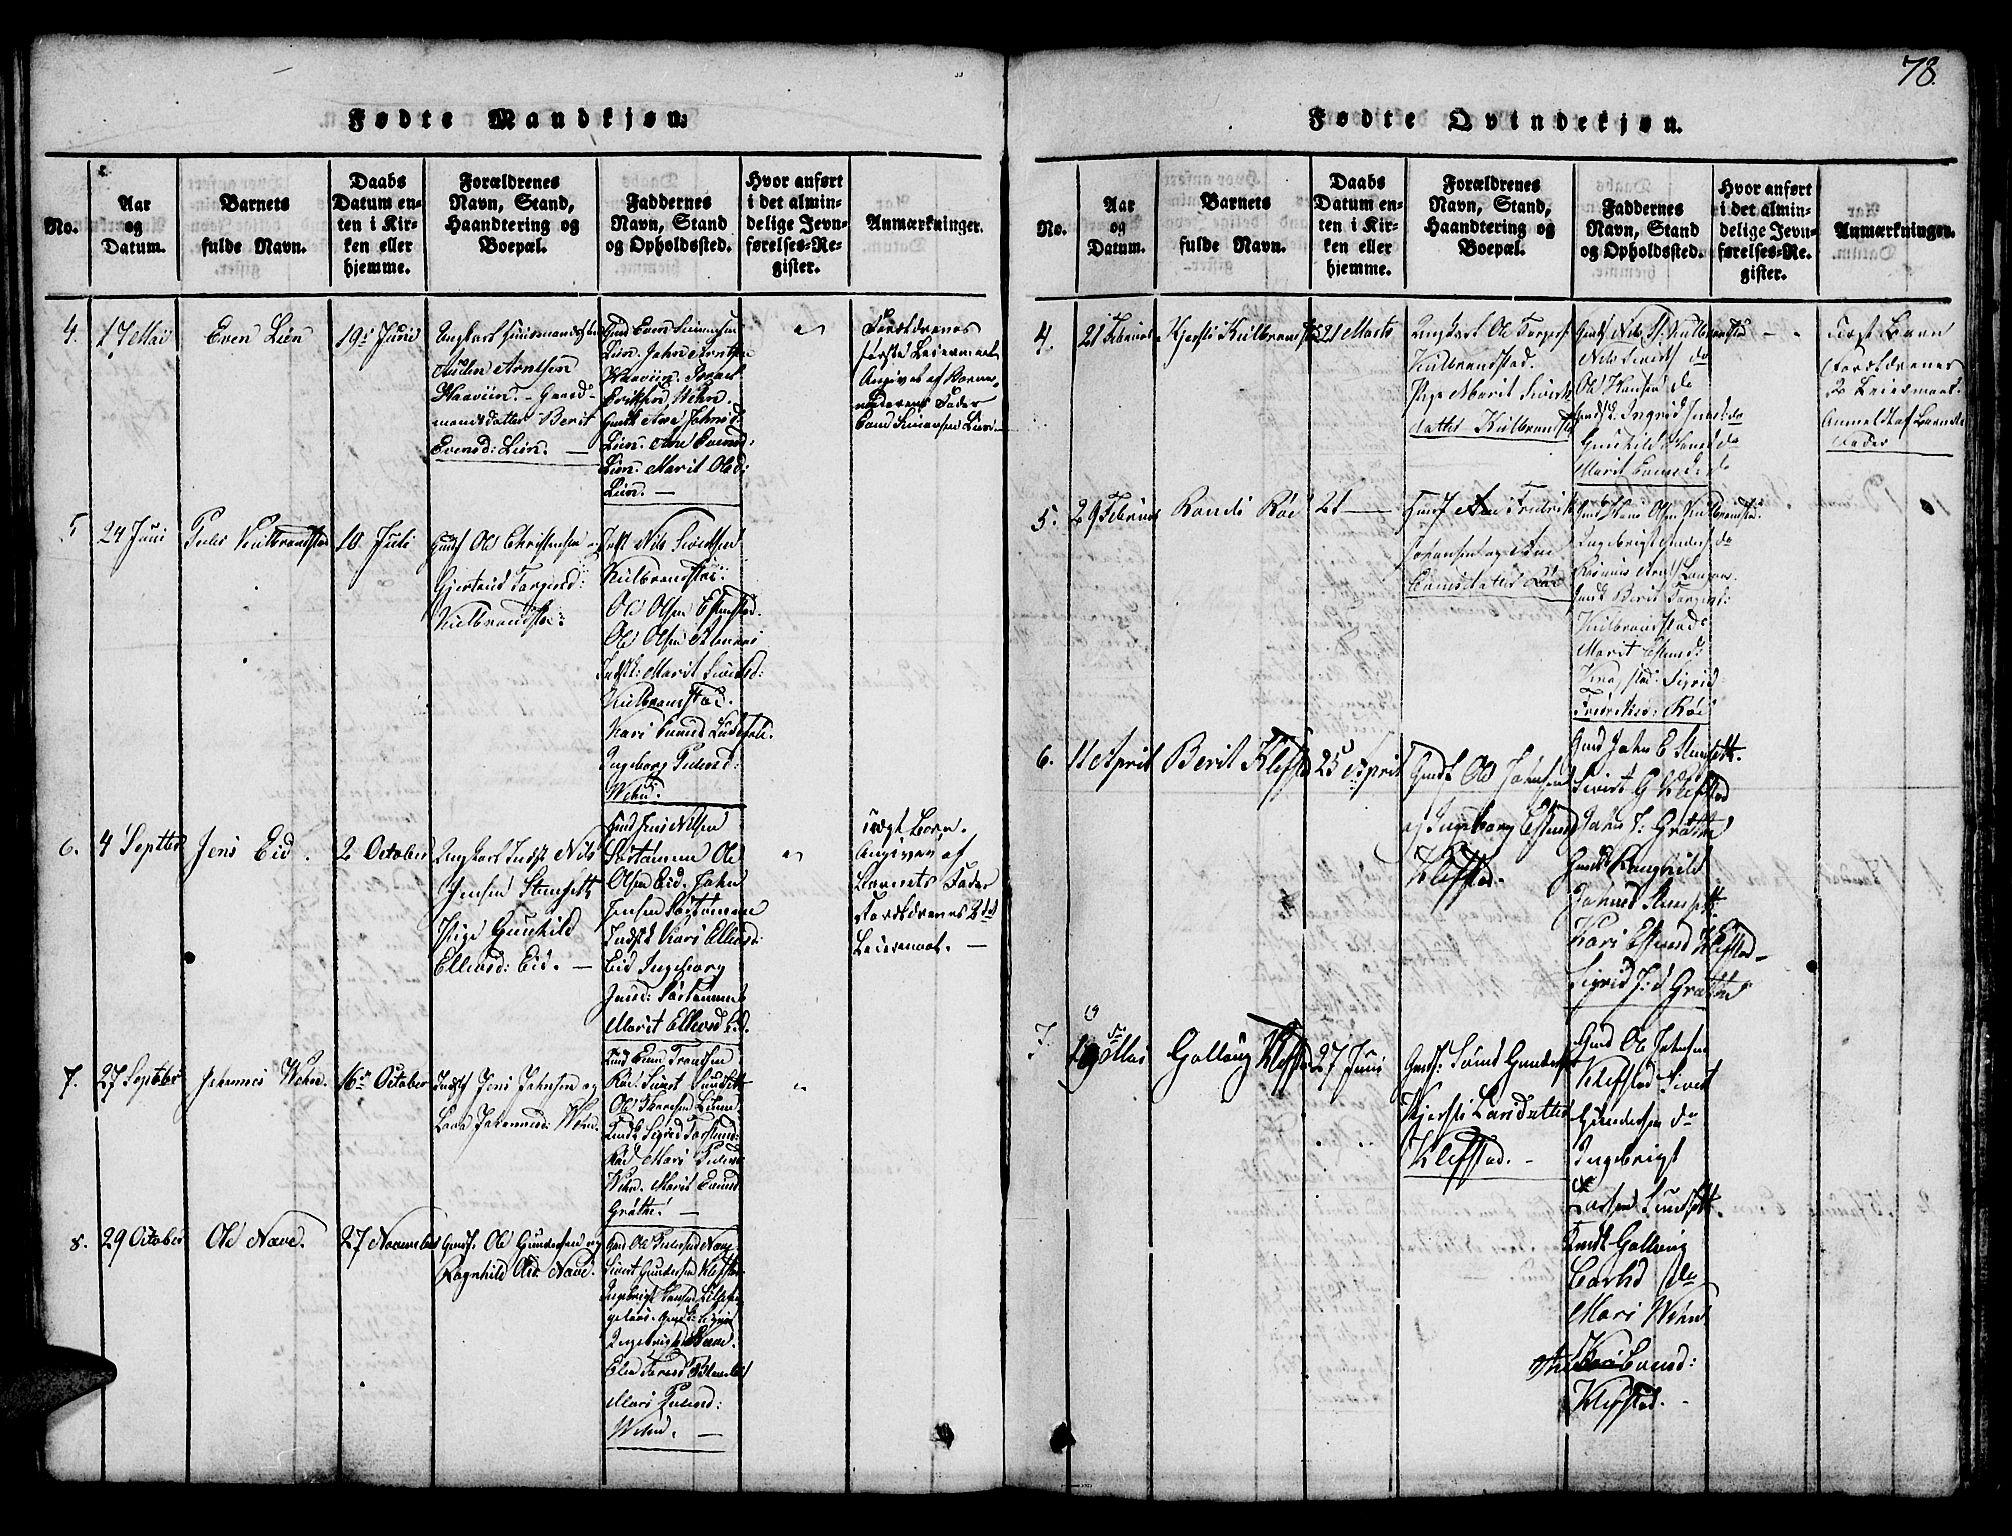 SAT, Ministerialprotokoller, klokkerbøker og fødselsregistre - Sør-Trøndelag, 694/L1130: Klokkerbok nr. 694C02, 1816-1857, s. 78